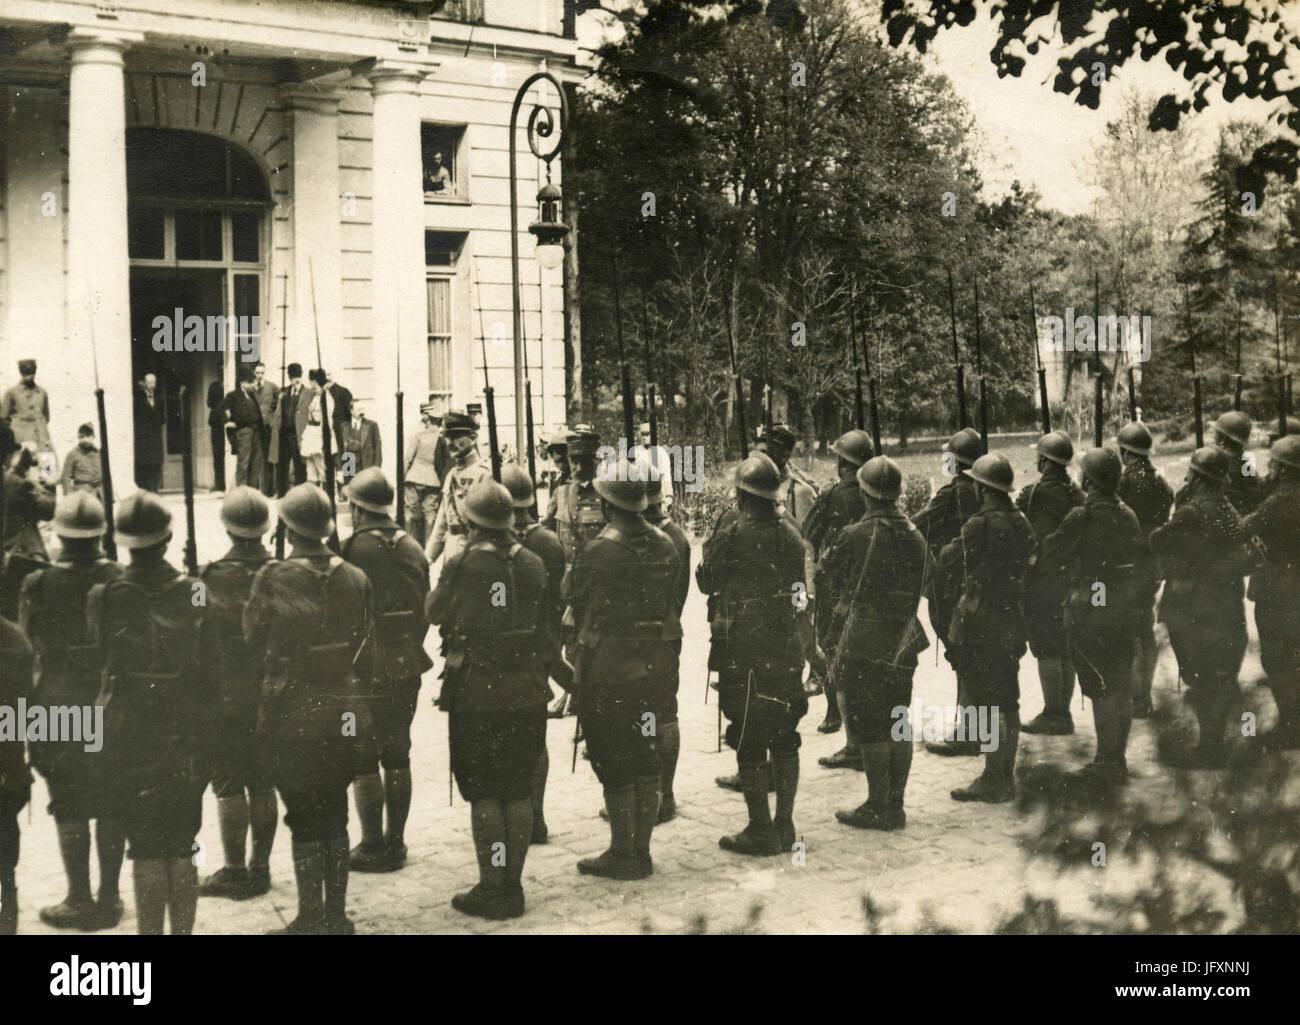 Marshall francese Ferdinand Foch il cabaret le truppe di Versailles per il Trattato di pace dopo WW1, Francia Immagini Stock